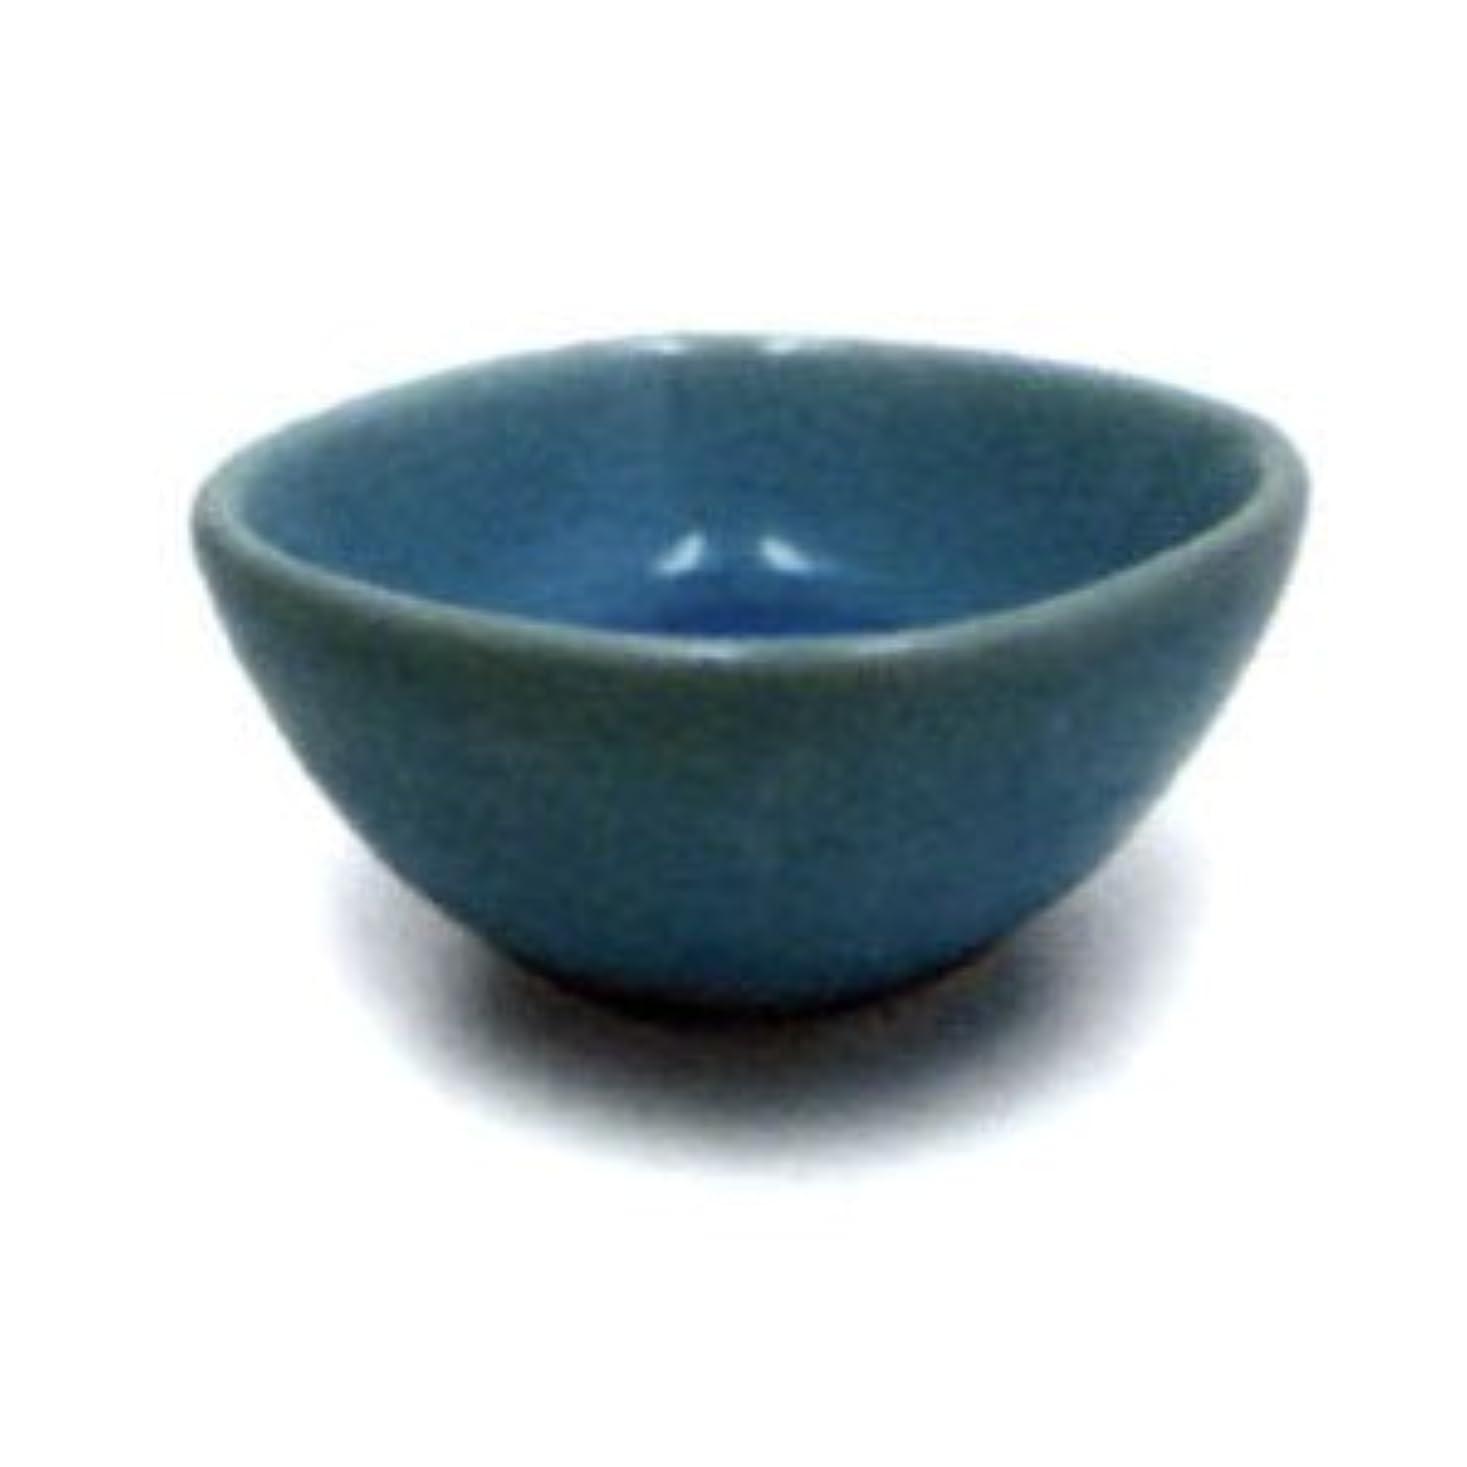 九移行する黒板響き香台 鉢 ブルー